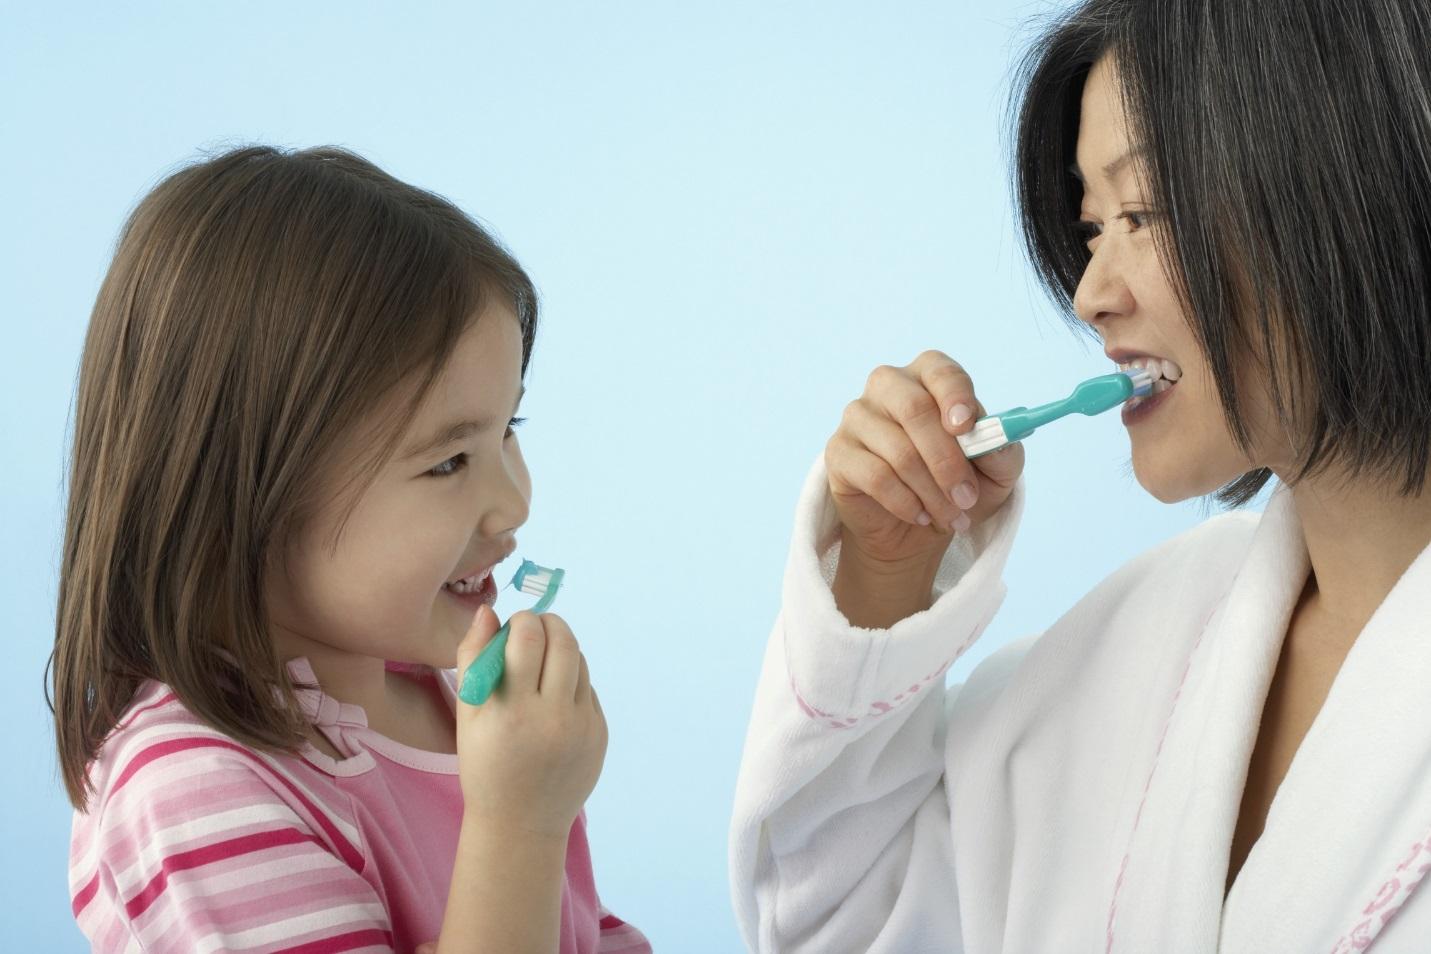 Để chải răng cho bé đúng cách, bác sĩ Nha khoa lưu ý mẹ những điều này - Ảnh 3